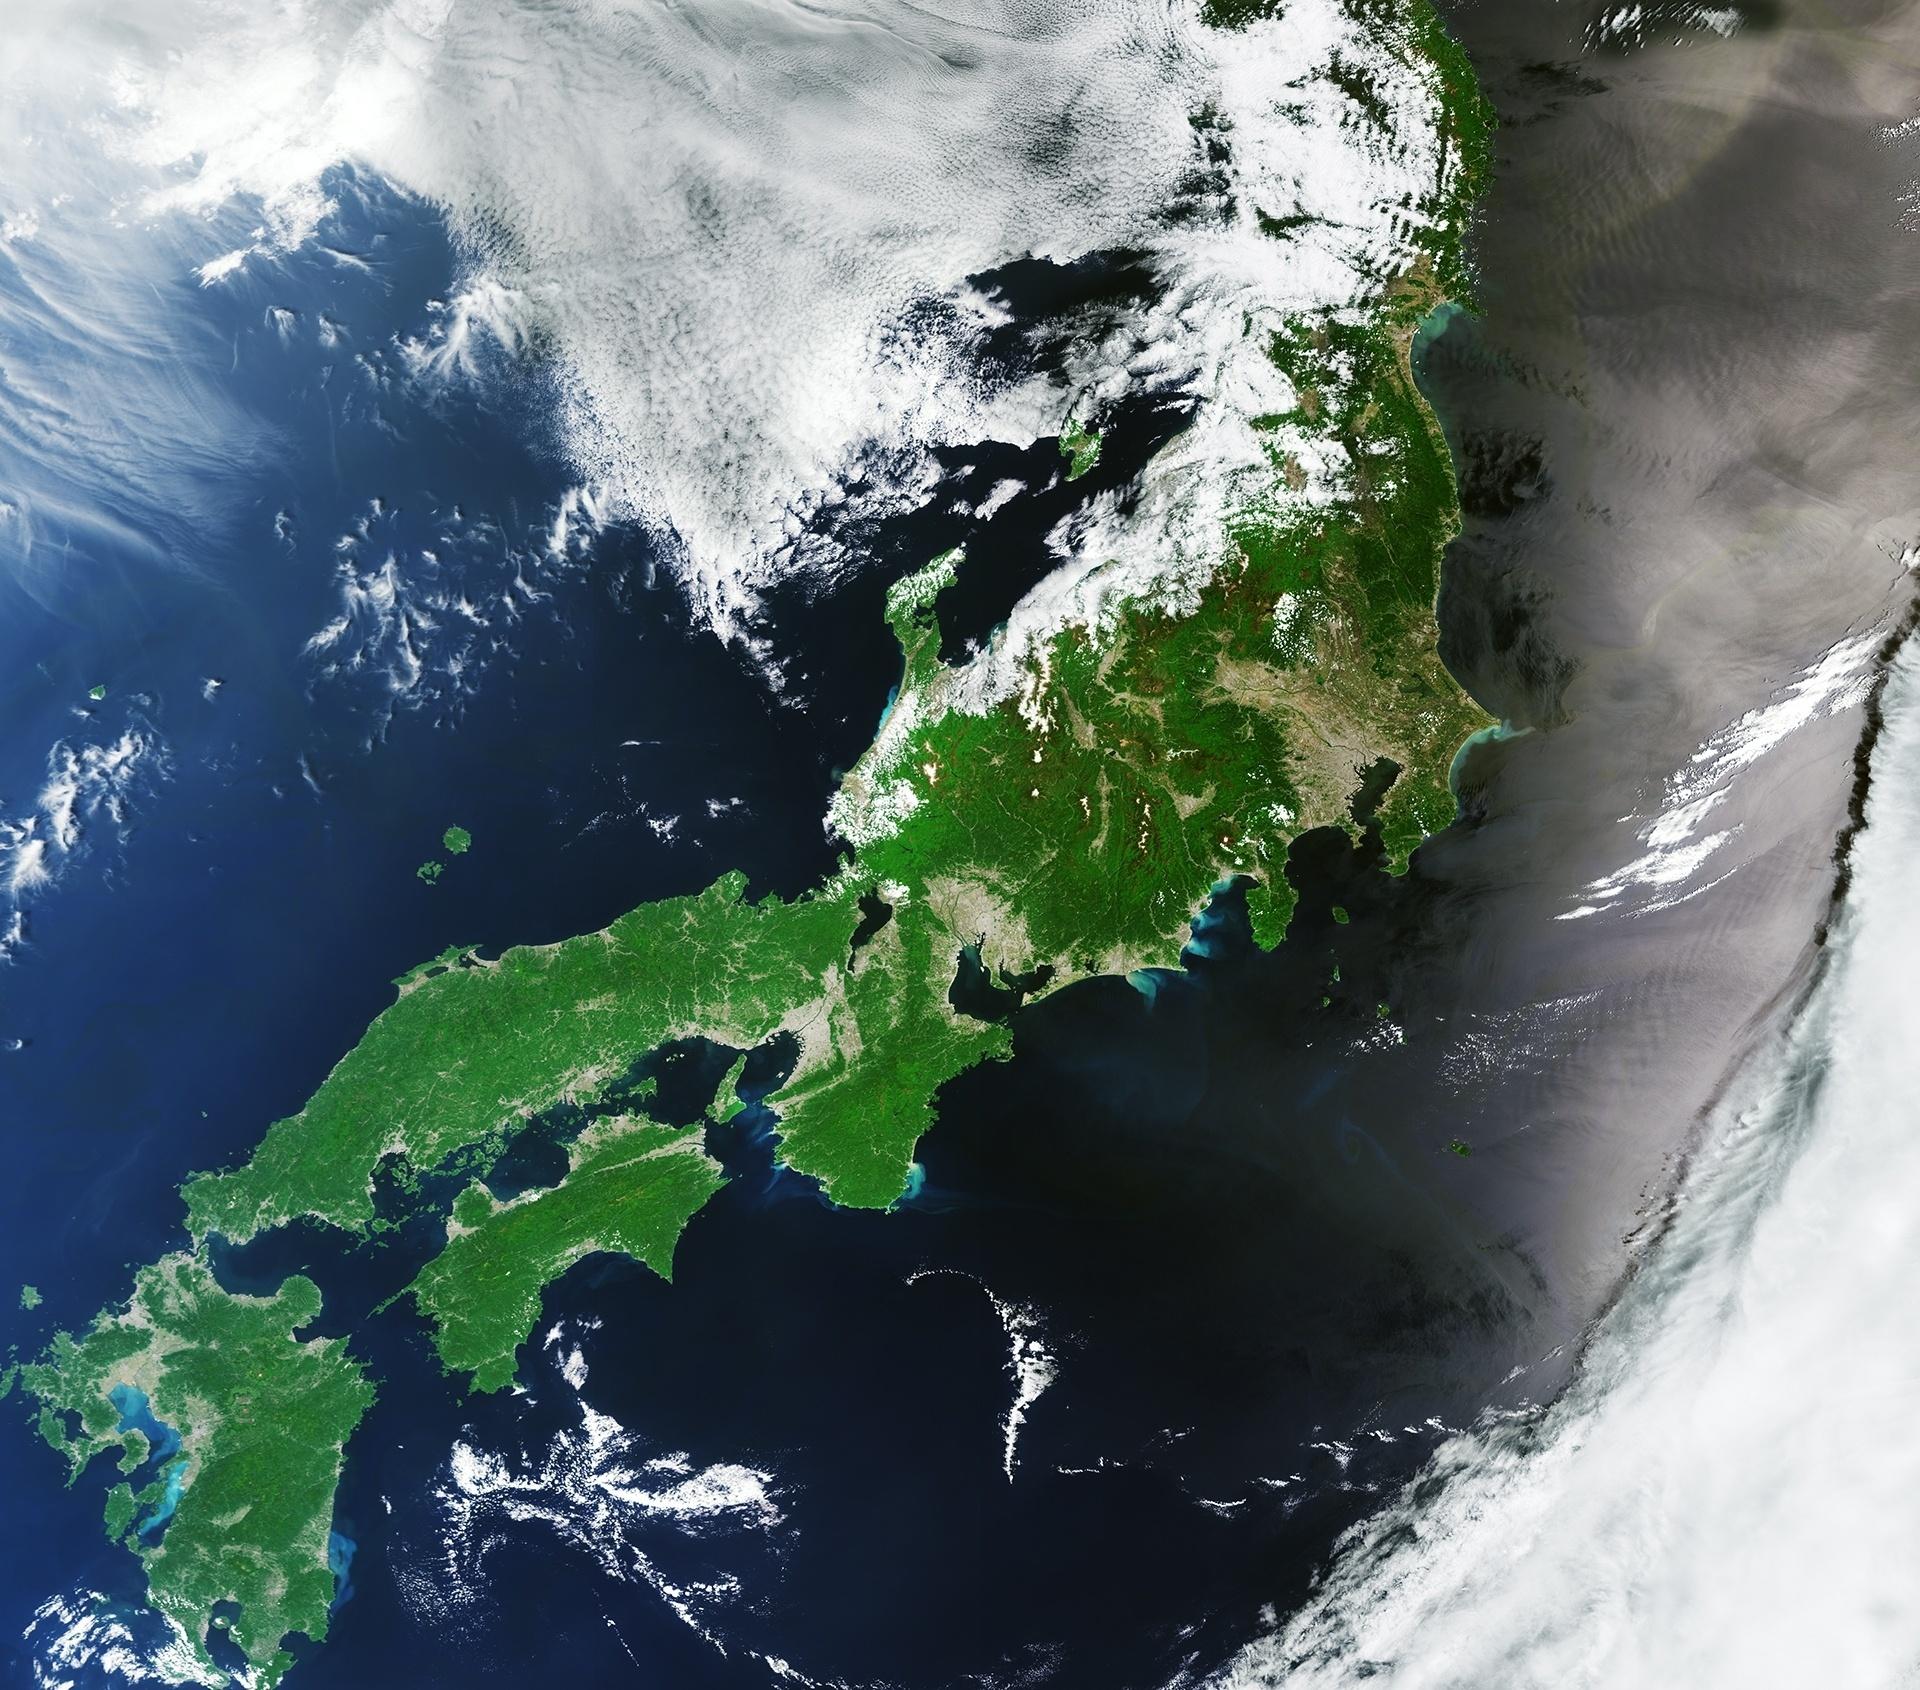 25.nov.2016 - O satélite Sentinel-3A fotografou o Japão enquanto passava pelo país. As cores da imagem foram alteradas. O país fica na região do Círculo de fogo do Pacífico, apelido dado para a área que conta com um grande número de terremotos e uma forte atividade vulcânica